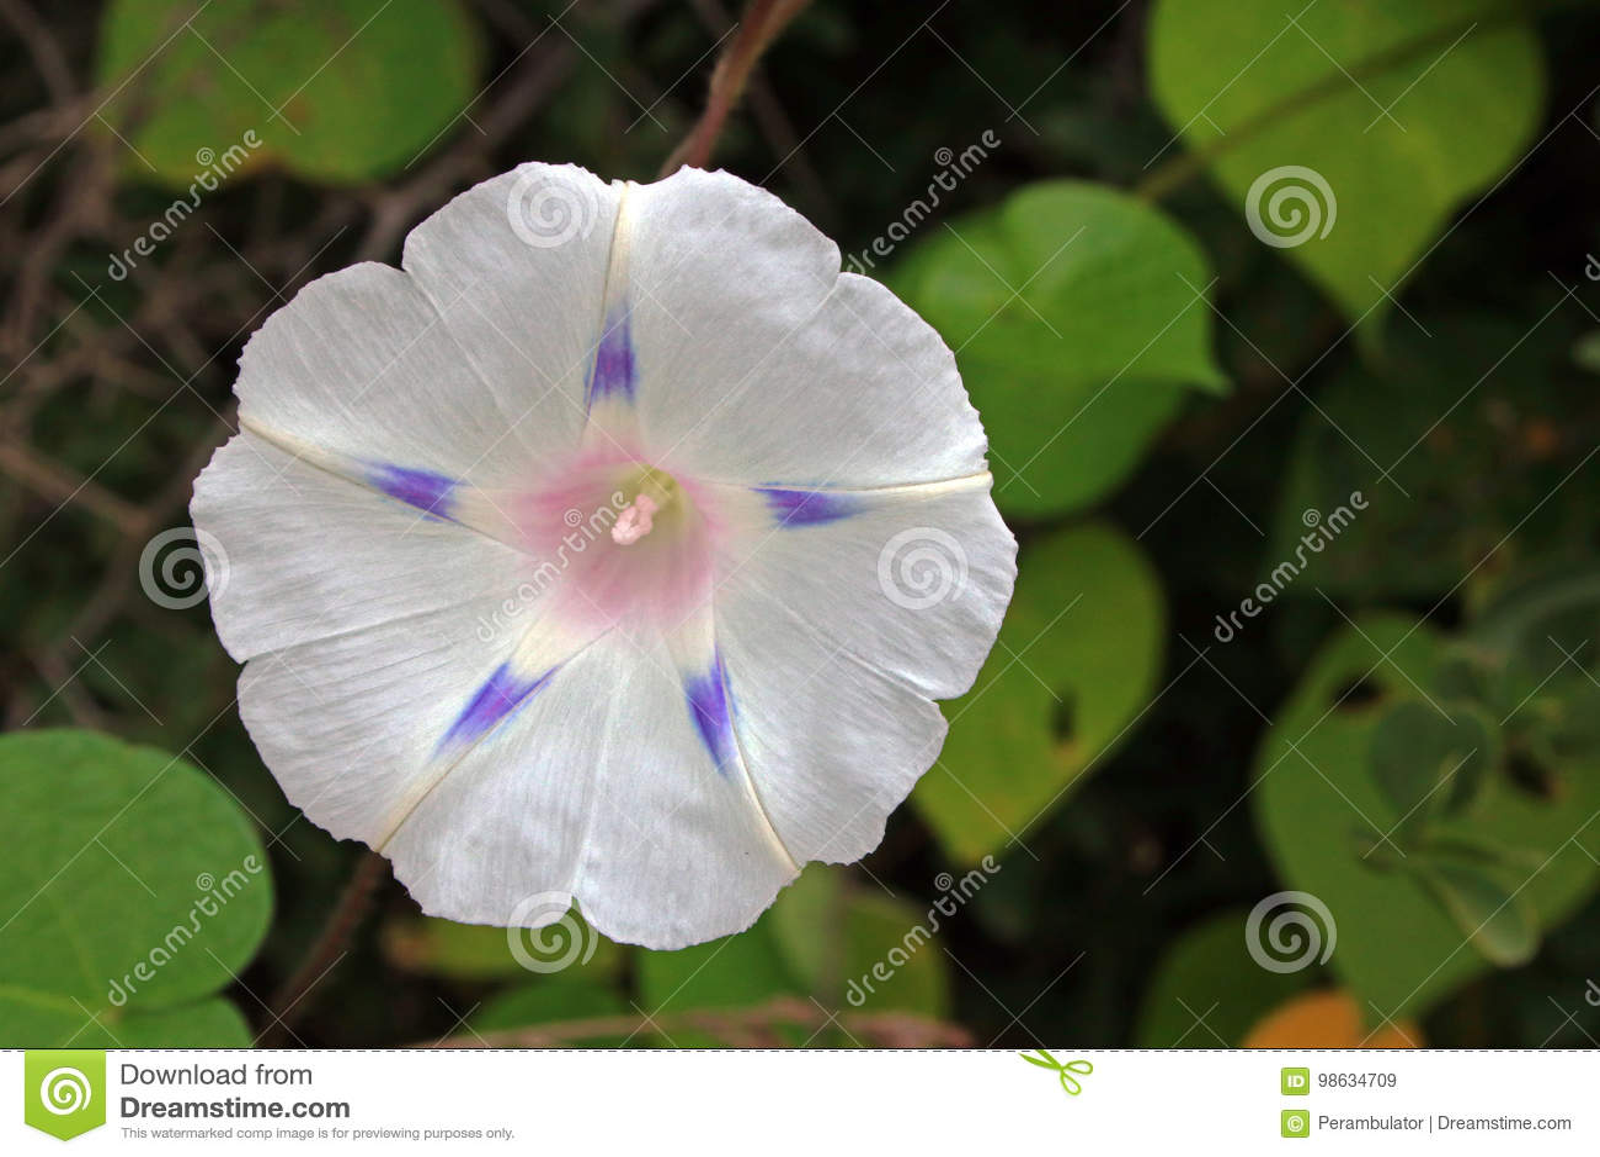 与紫色斑点的白色牵牛花